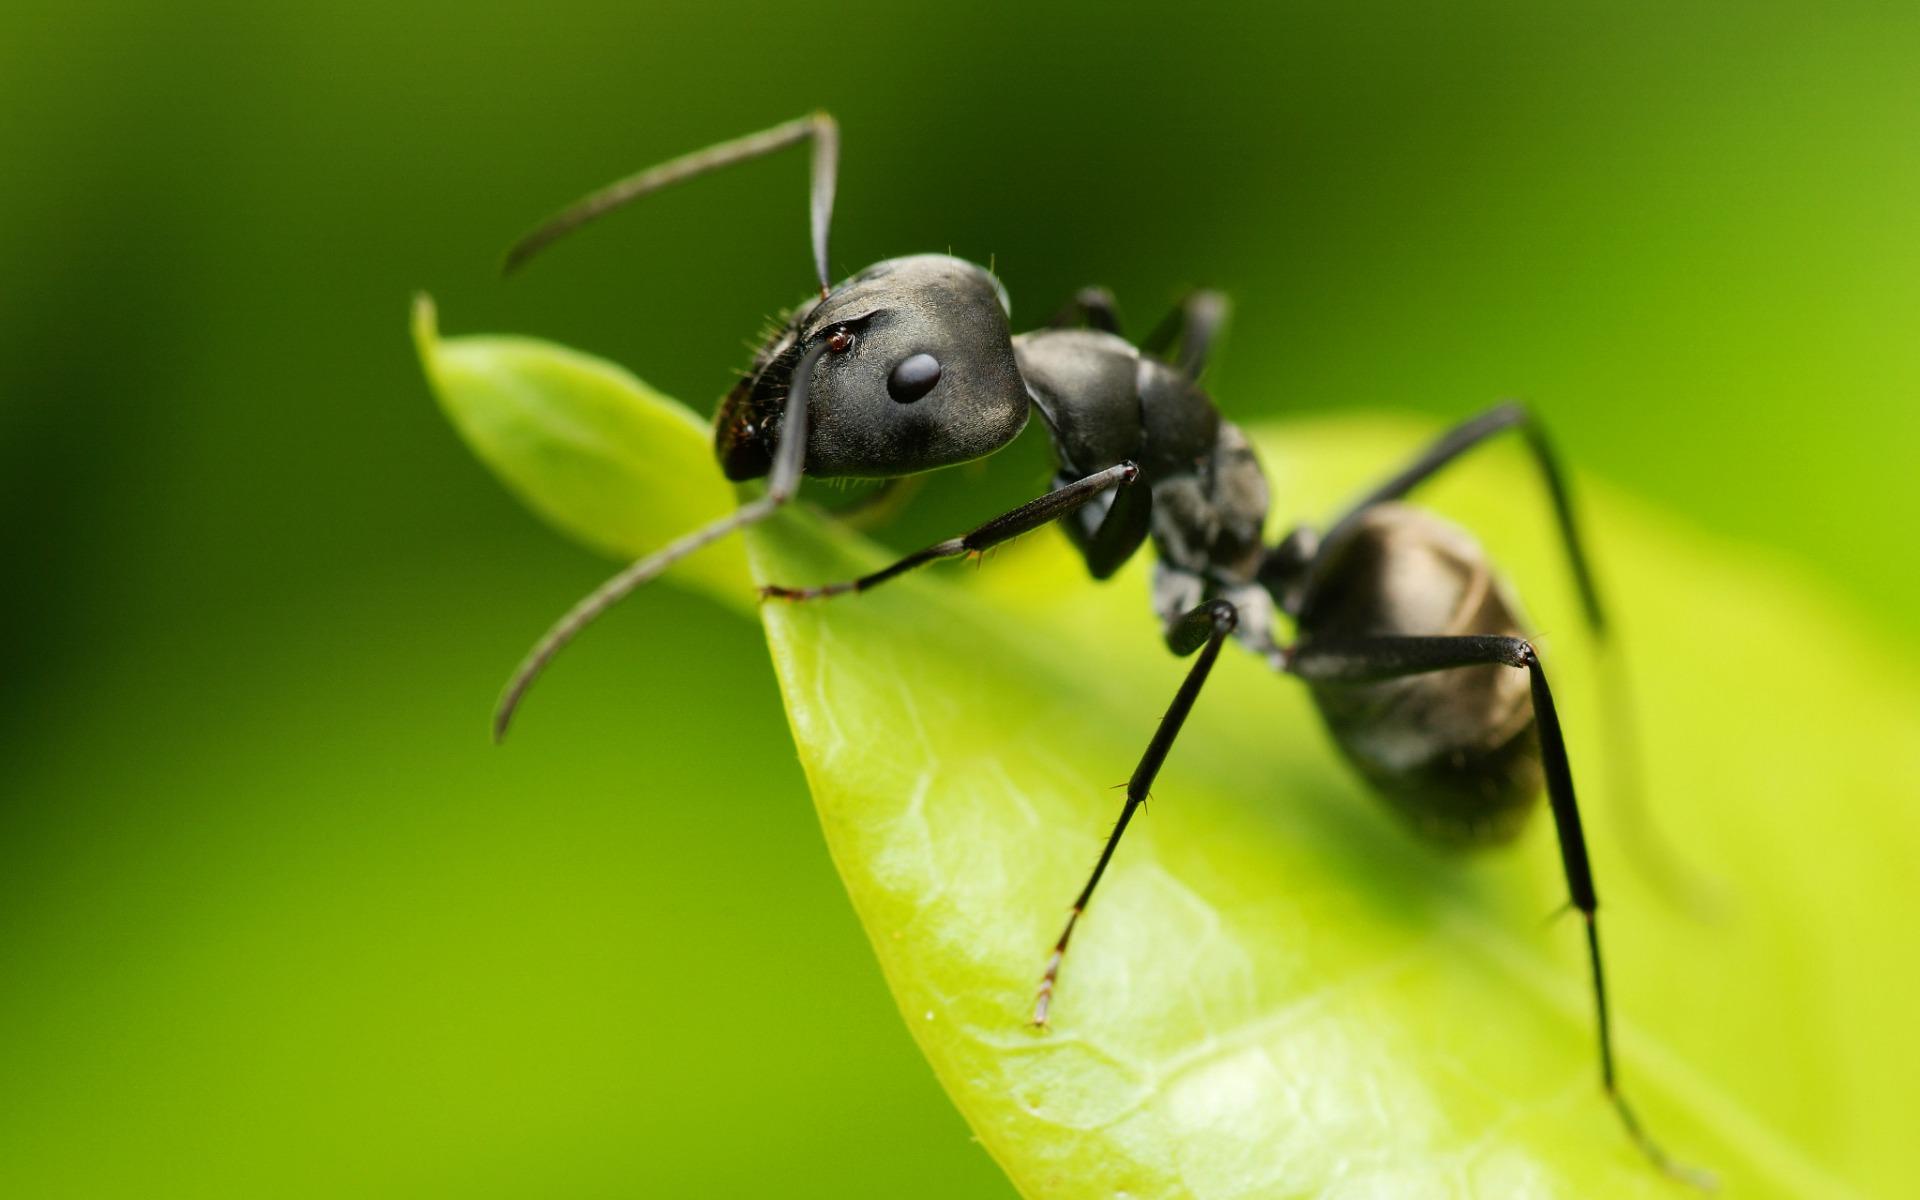 Recettes naturelles anti fourmis - Poux vinaigre blanc pur ou dilue ...